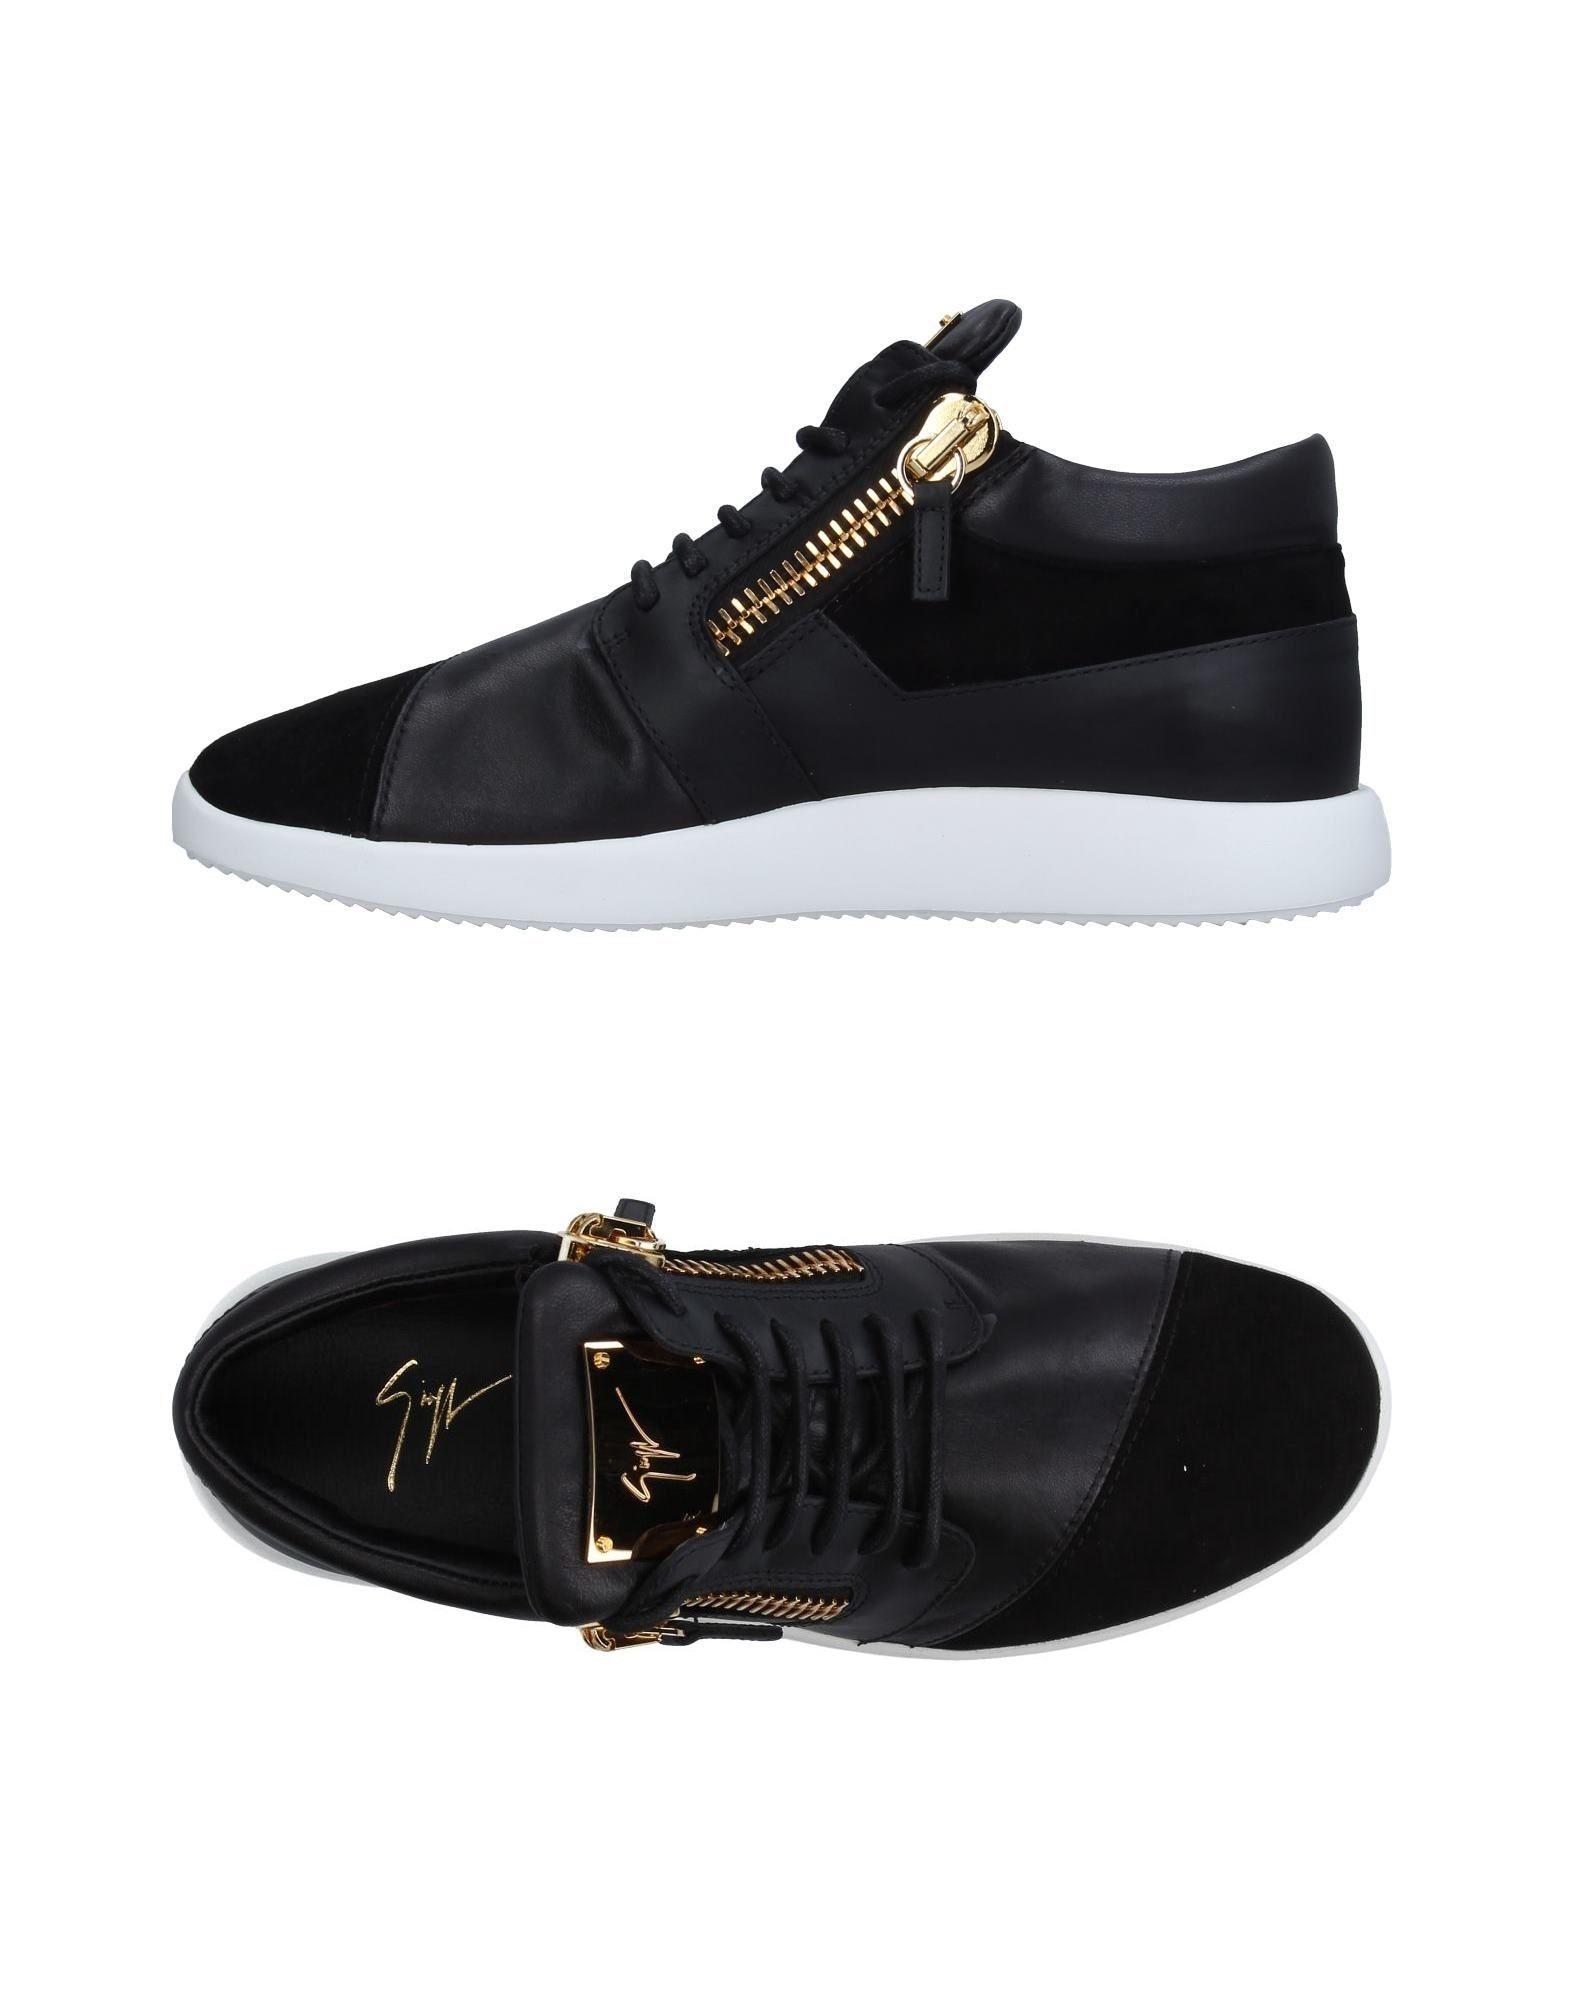 Sneakers Giuseppe Zanotti Homme - Sneakers Giuseppe Zanotti  Noir Réduction de prix saisonnier, remise